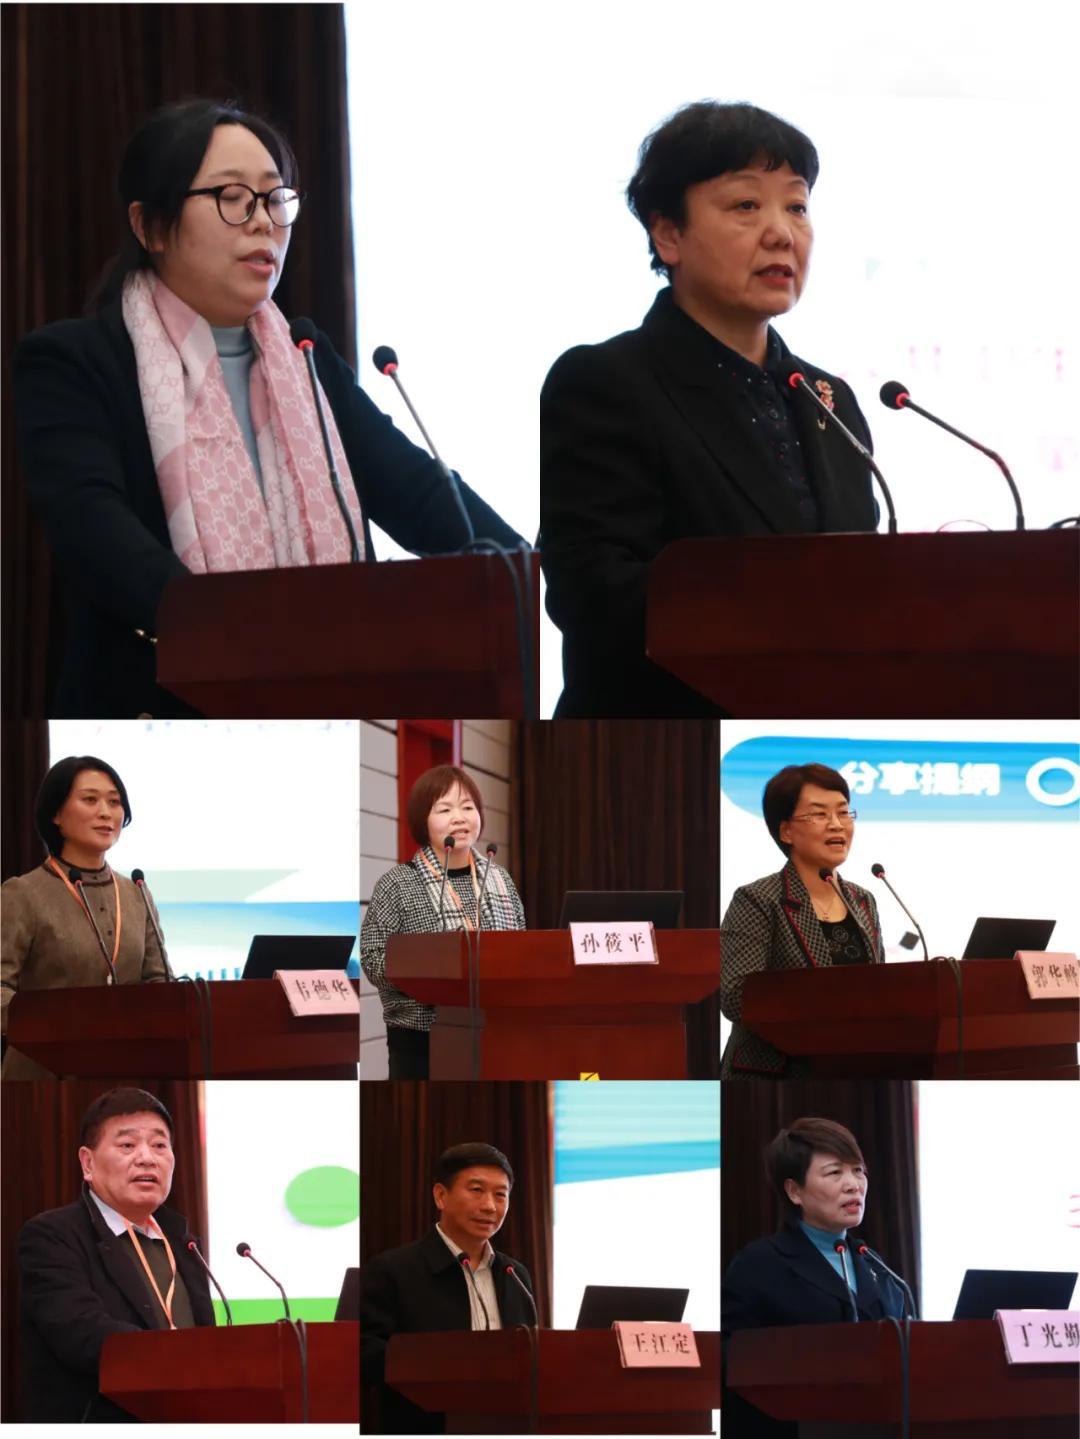 河南省妇幼保健院成功举办河南省医院协会妇幼保健院分会 2020 年年会